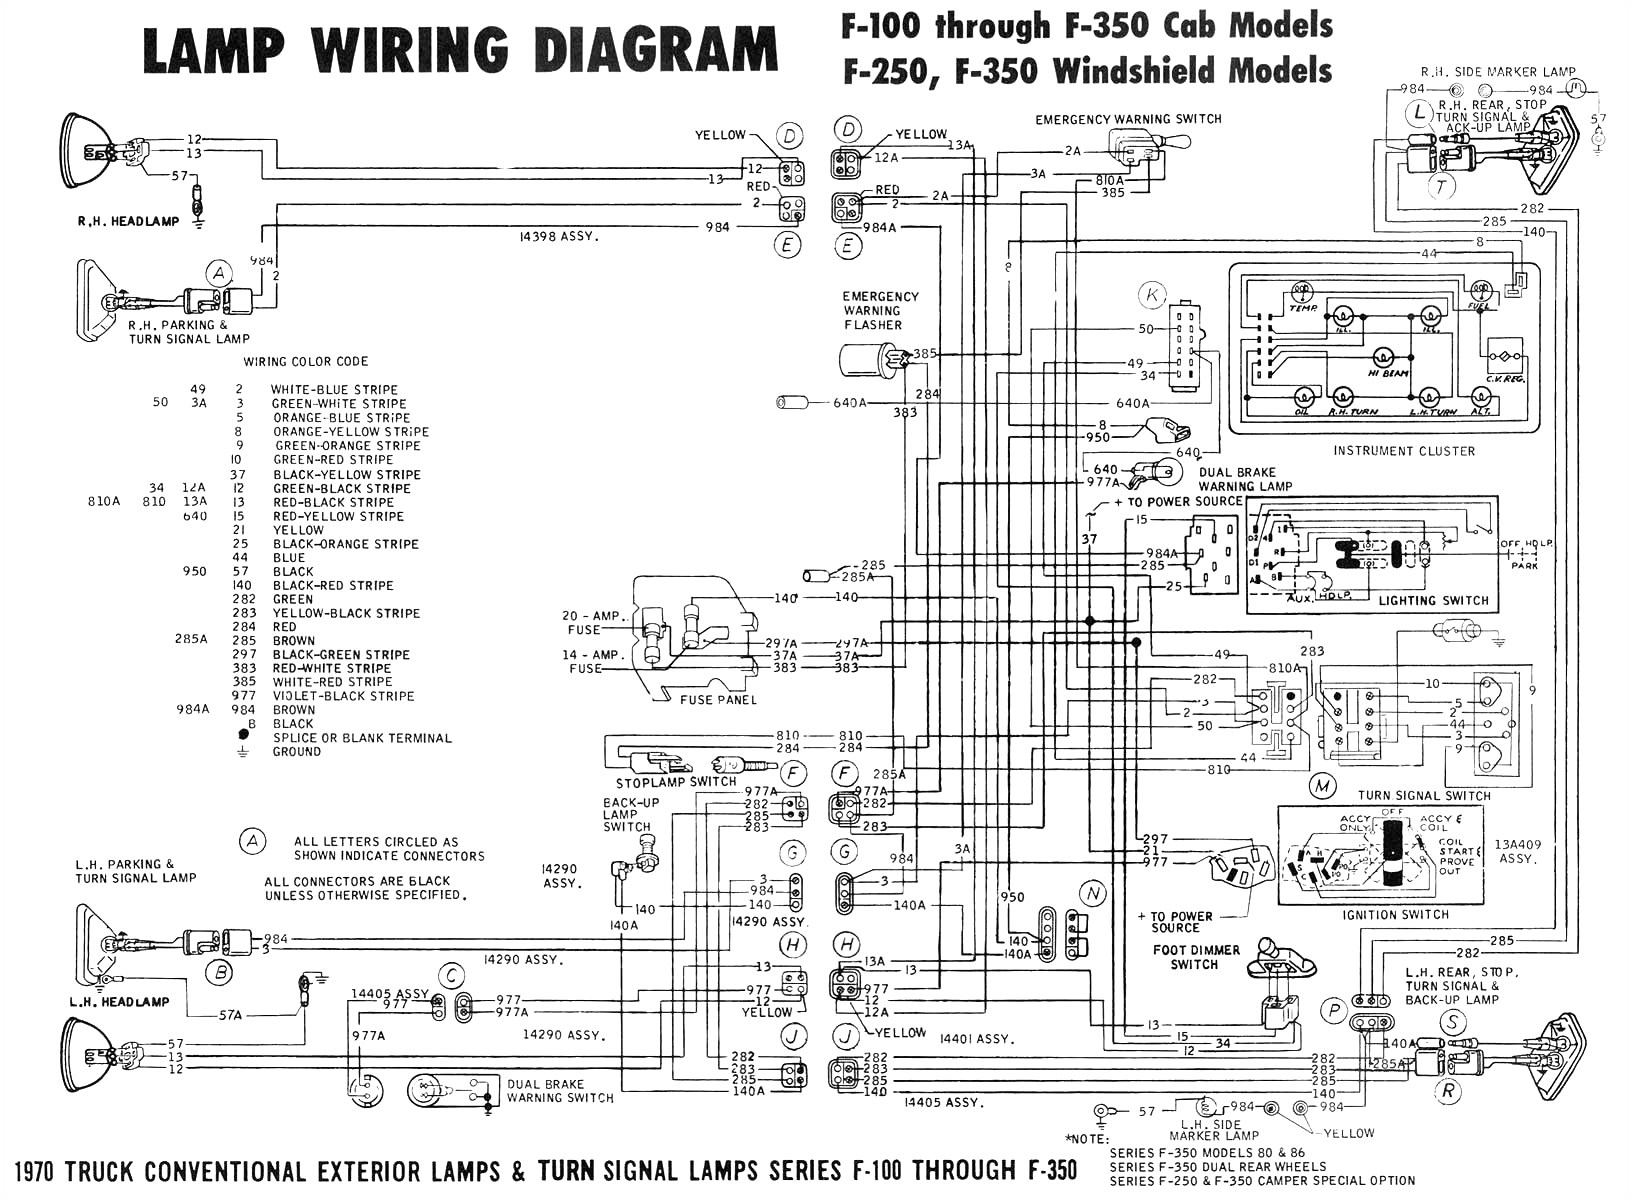 nutone wiring schematics wiring diagram databasenutone doorbell intercom wiring diagram download